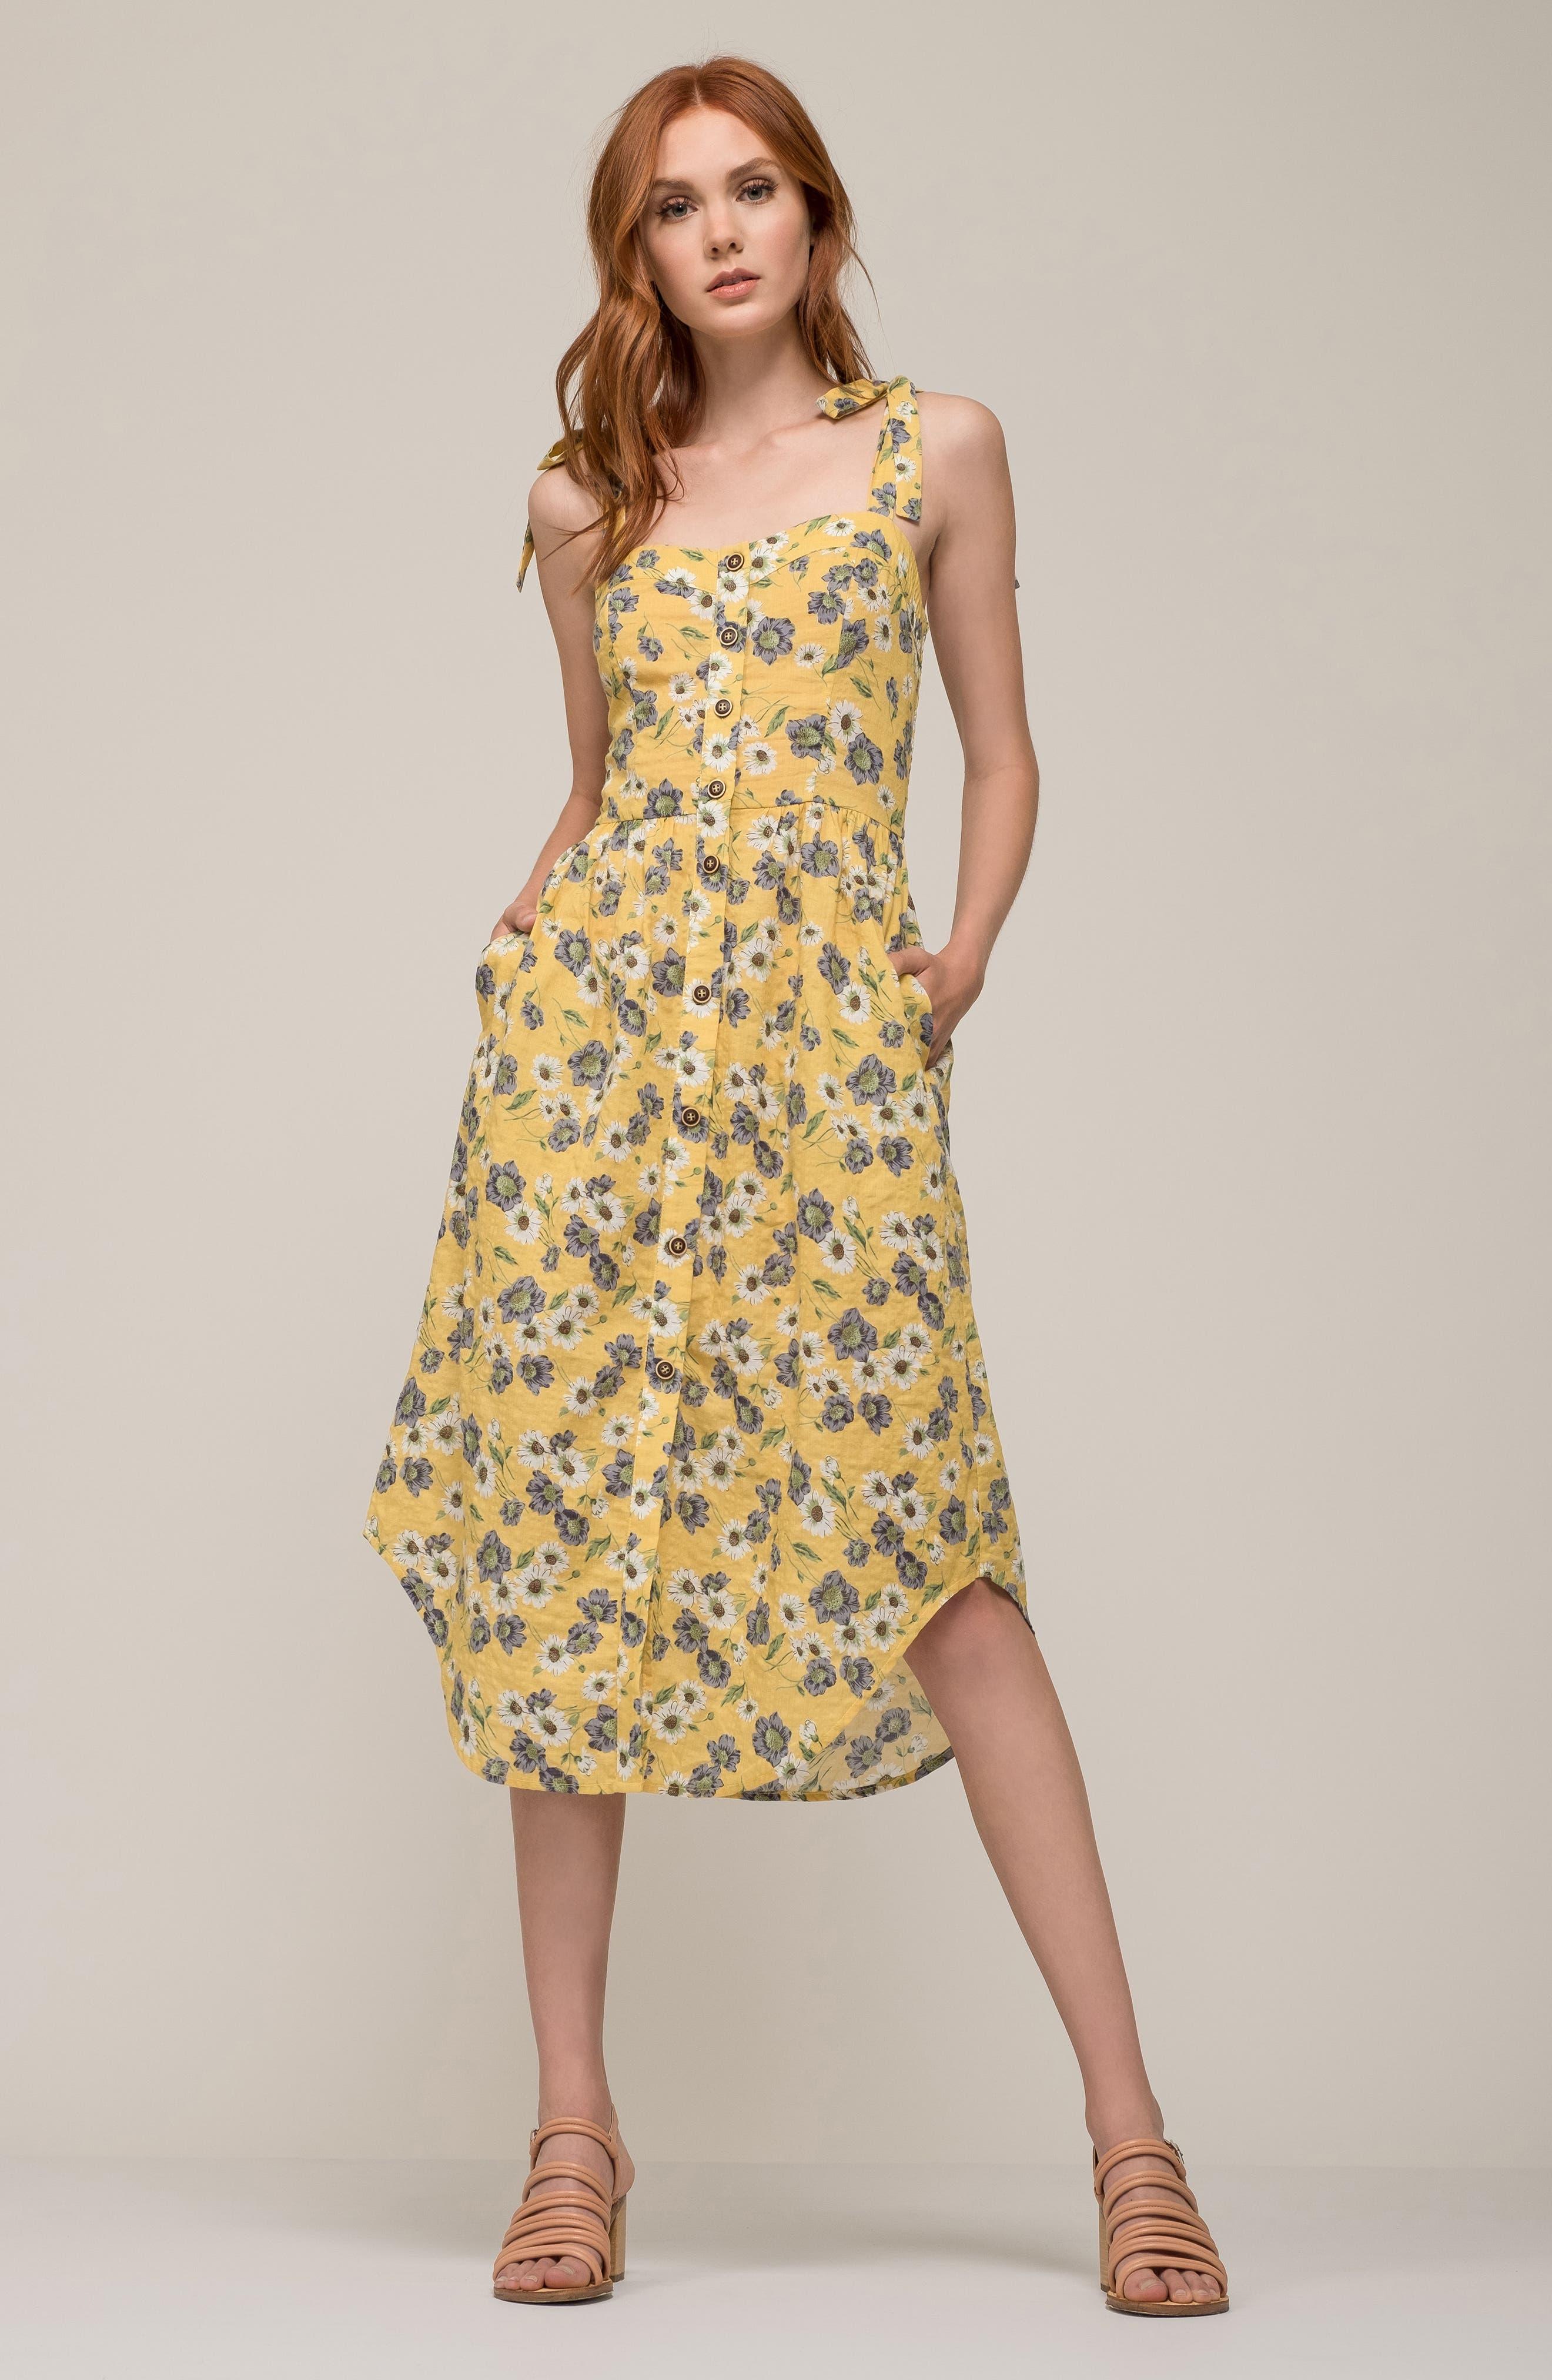 Floral Button Front Sundress,                             Alternate thumbnail 8, color,                             750